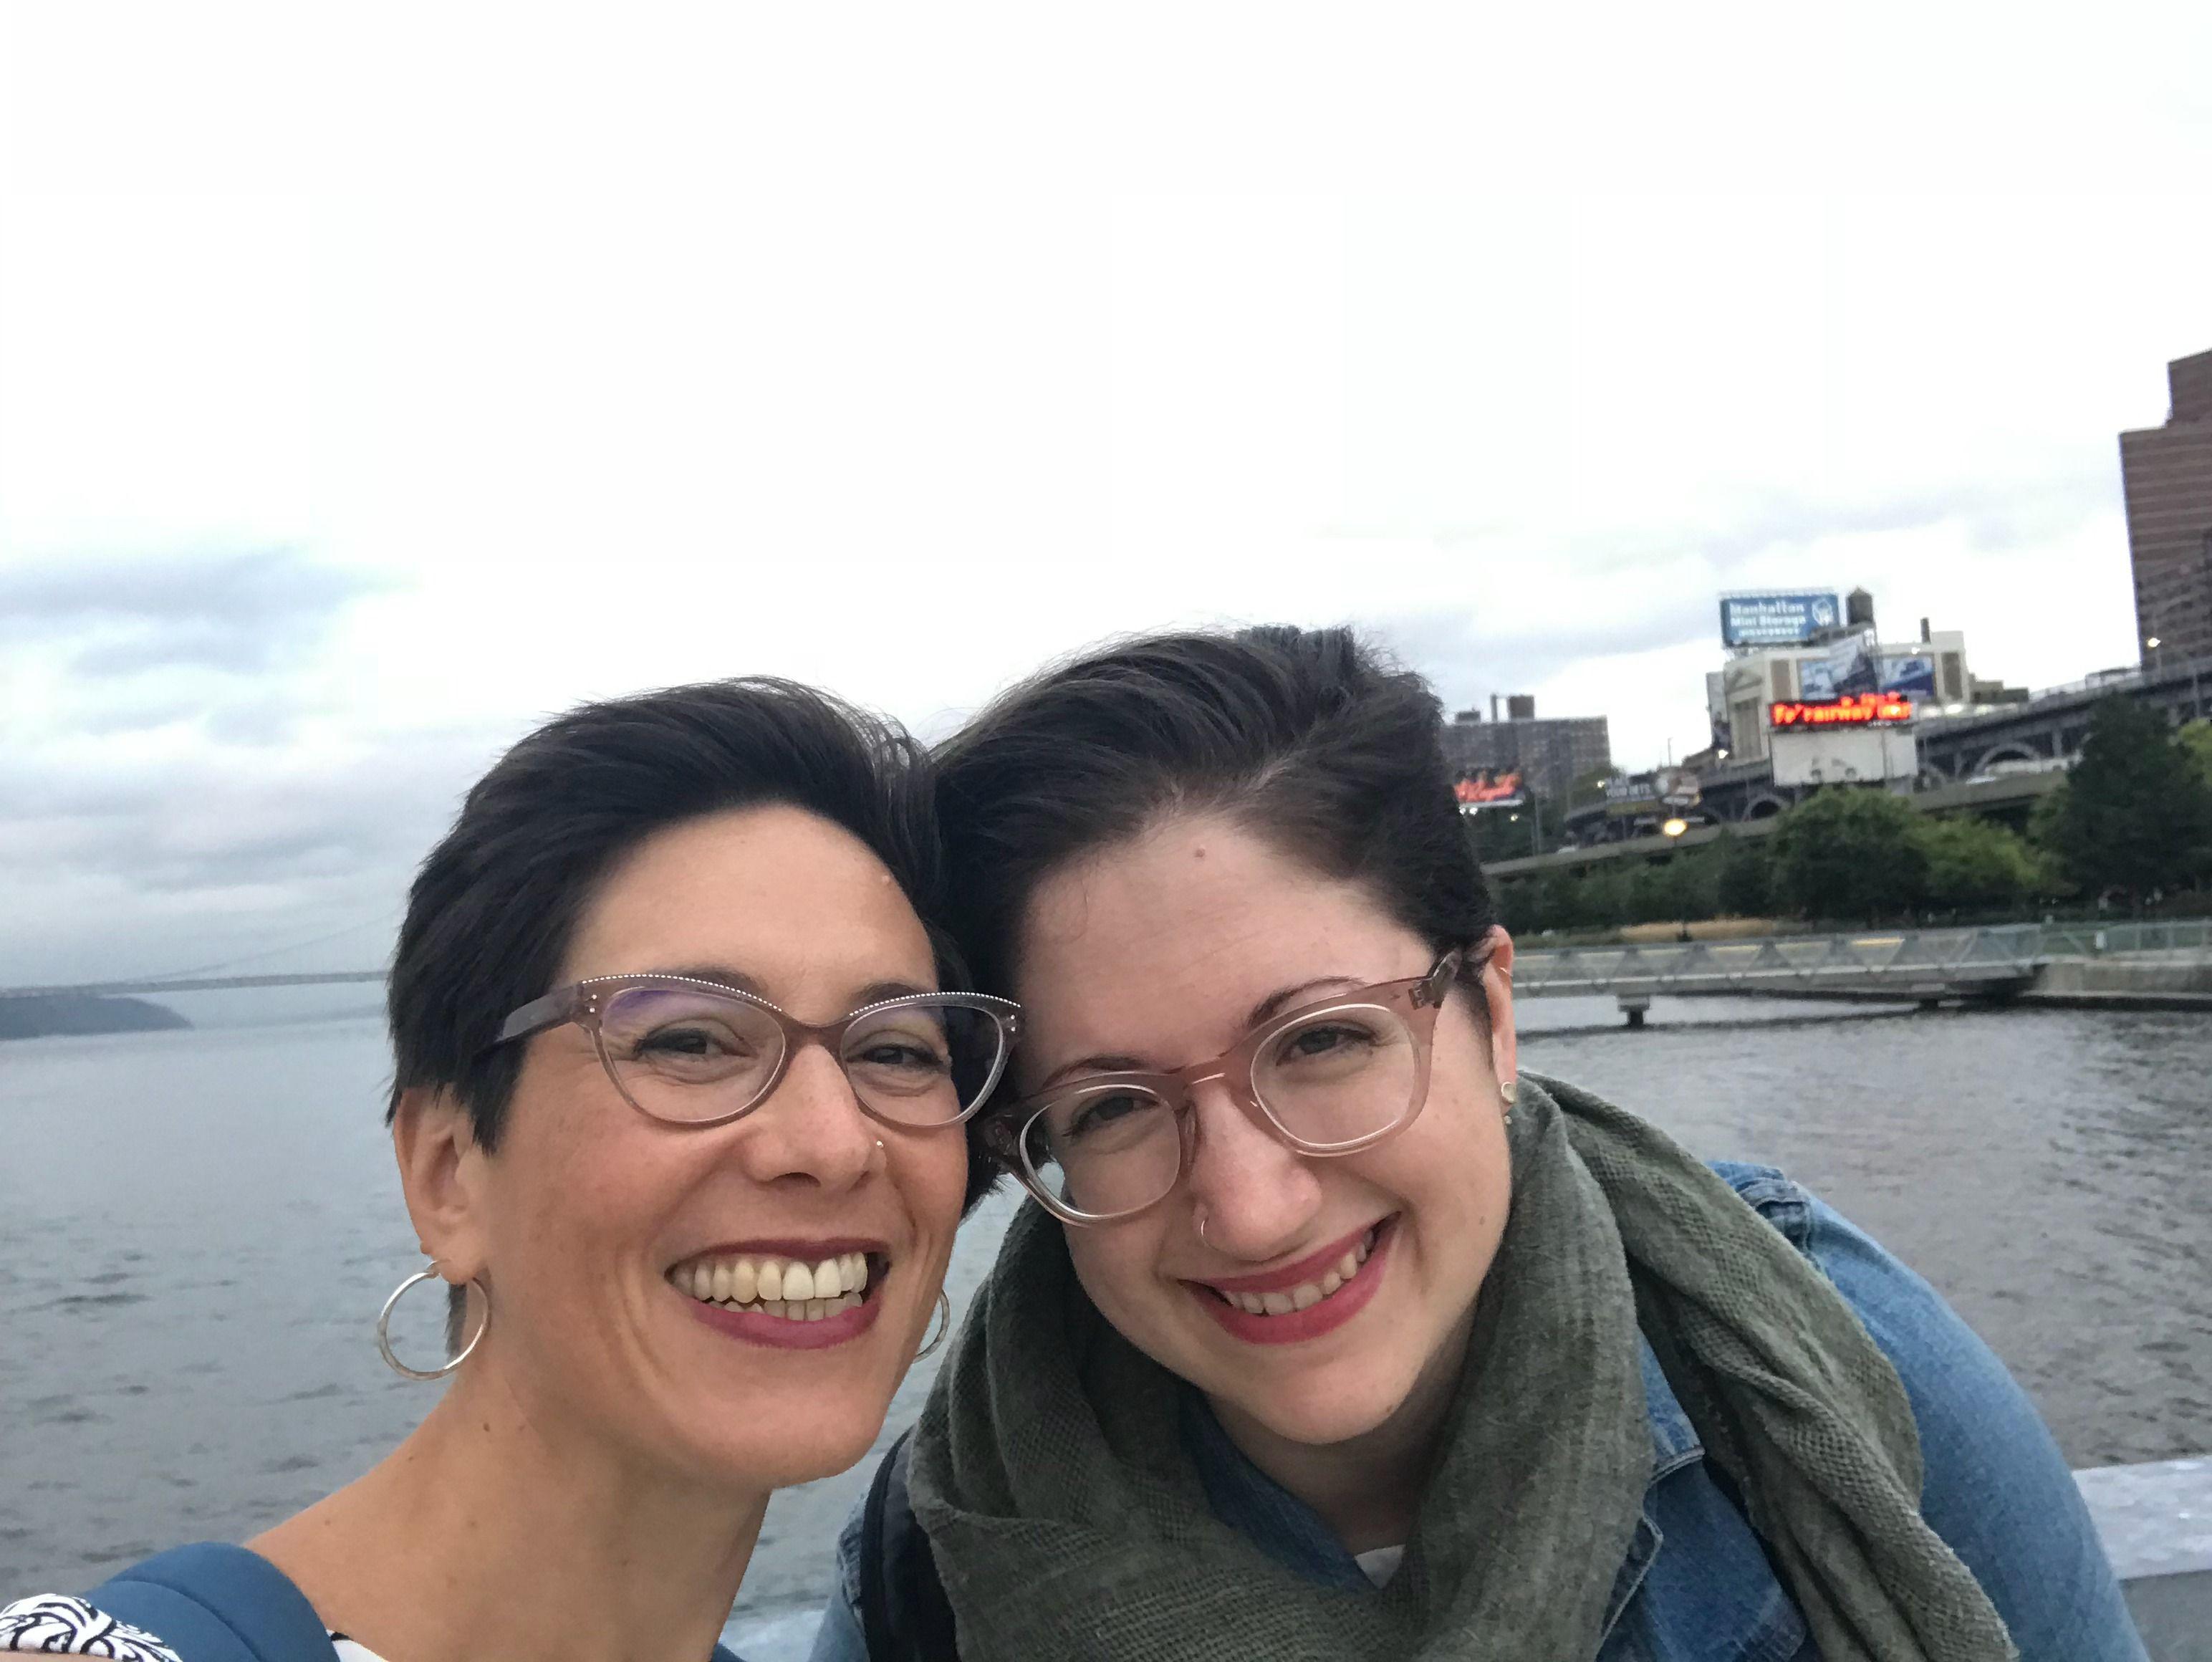 Aliza Kline and Sarit Wishnevski